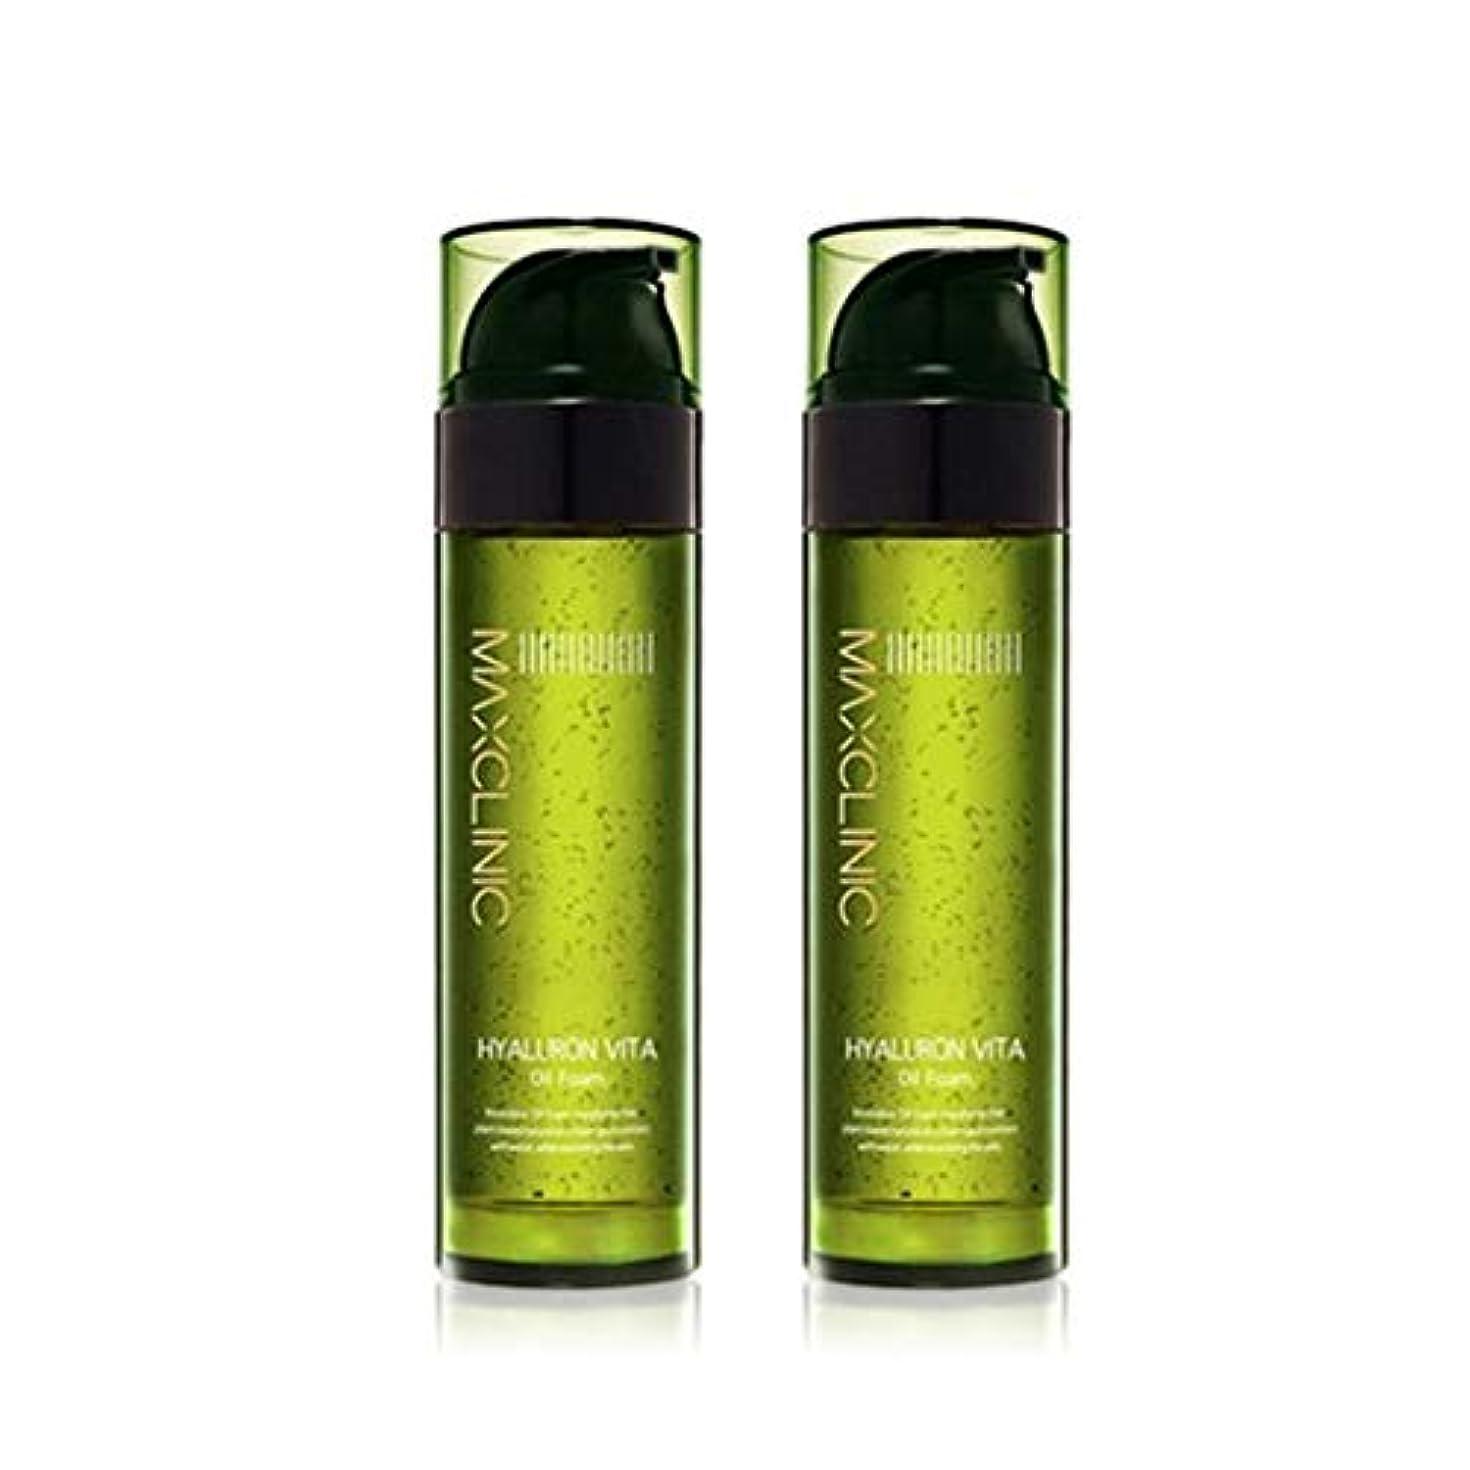 誠意私達貯水池マックスクリニックヒアルロンヴィータオイルフォーム110gx2本セット韓国コスメ、Maxclinic Hyaluronic Acid Vita Oil Foam 110g x 2ea Set Korean Cosmetics...